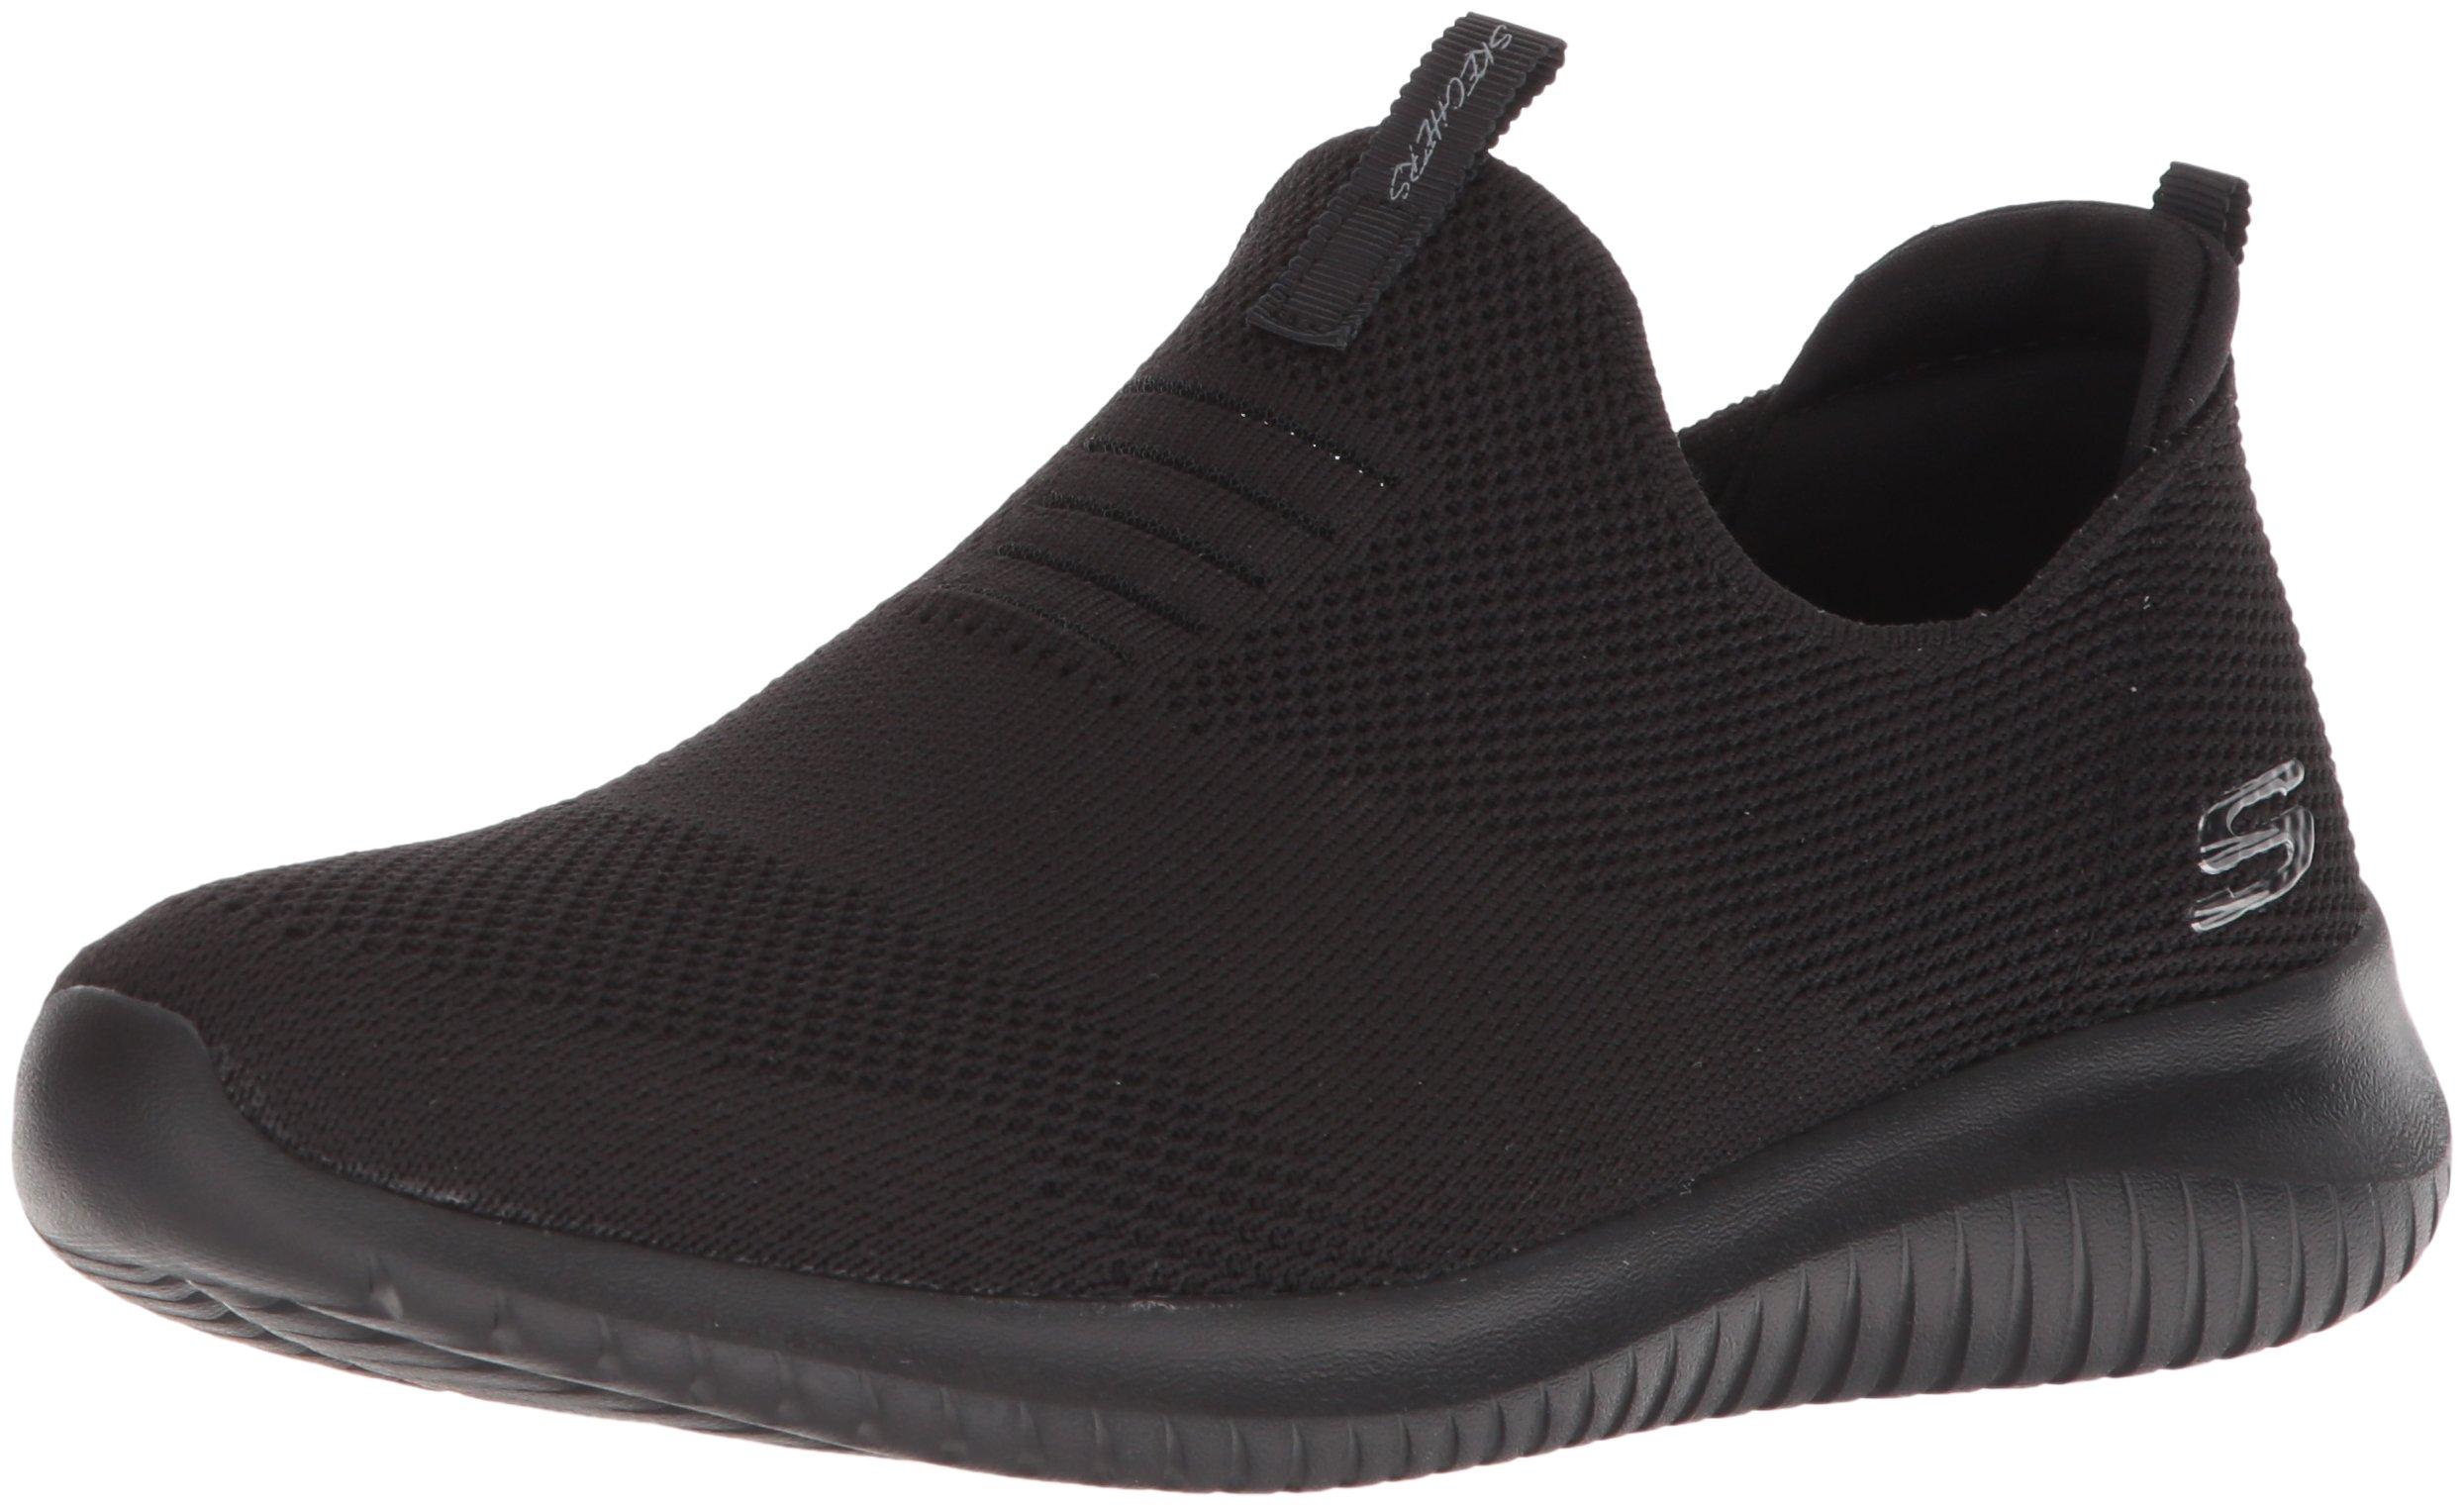 Skechers Sport Women's Ultra Flex-First Take Sneaker,Black,7.5 M US